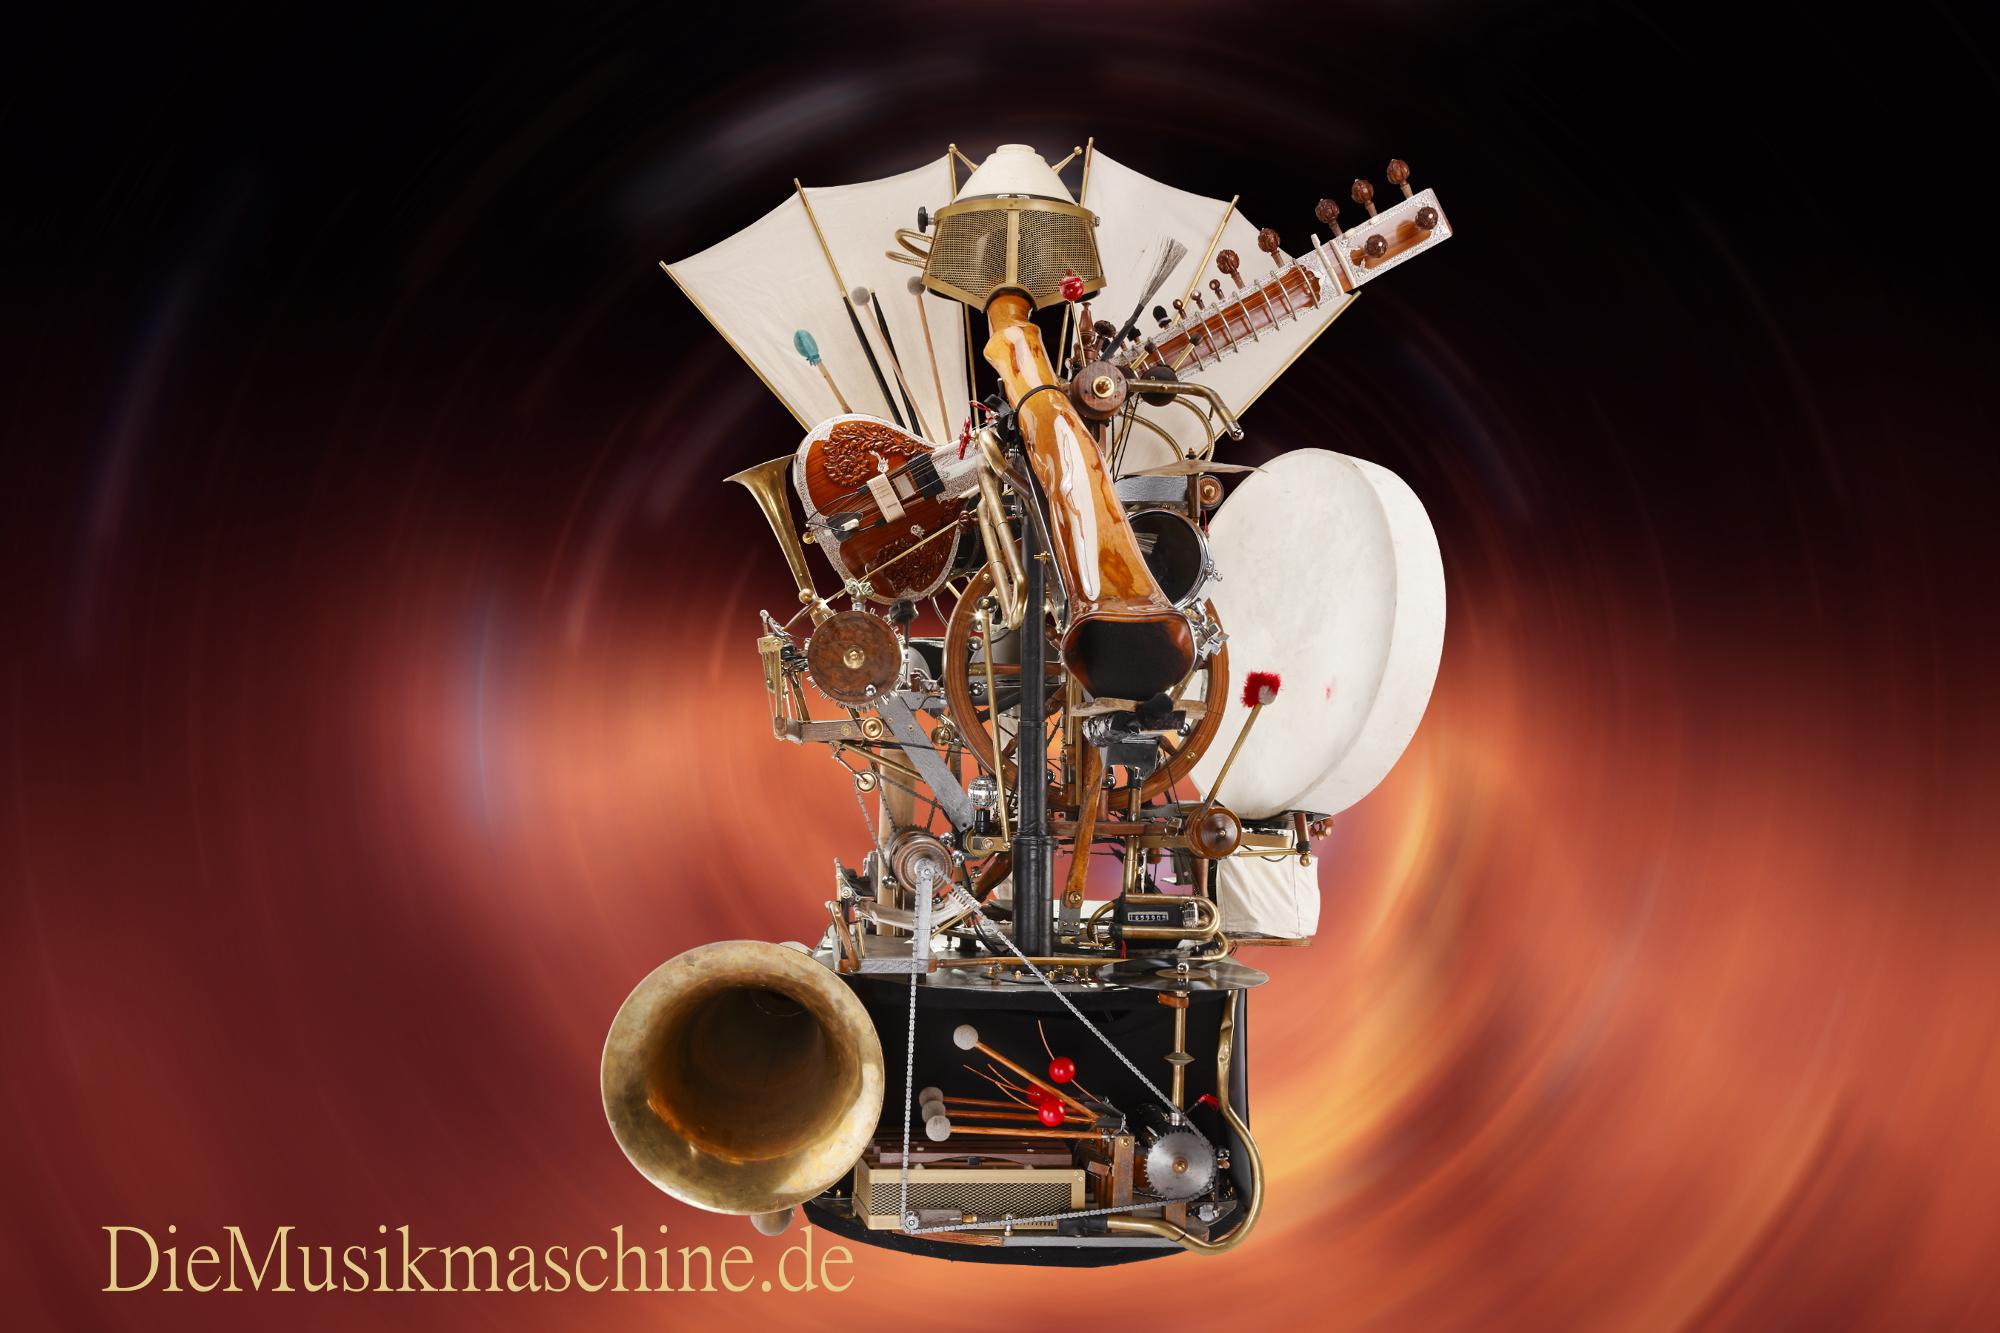 Aktuelle Aufnahme der Musikmaschine. Dez. 2014 Foto: Werbefoto Robold